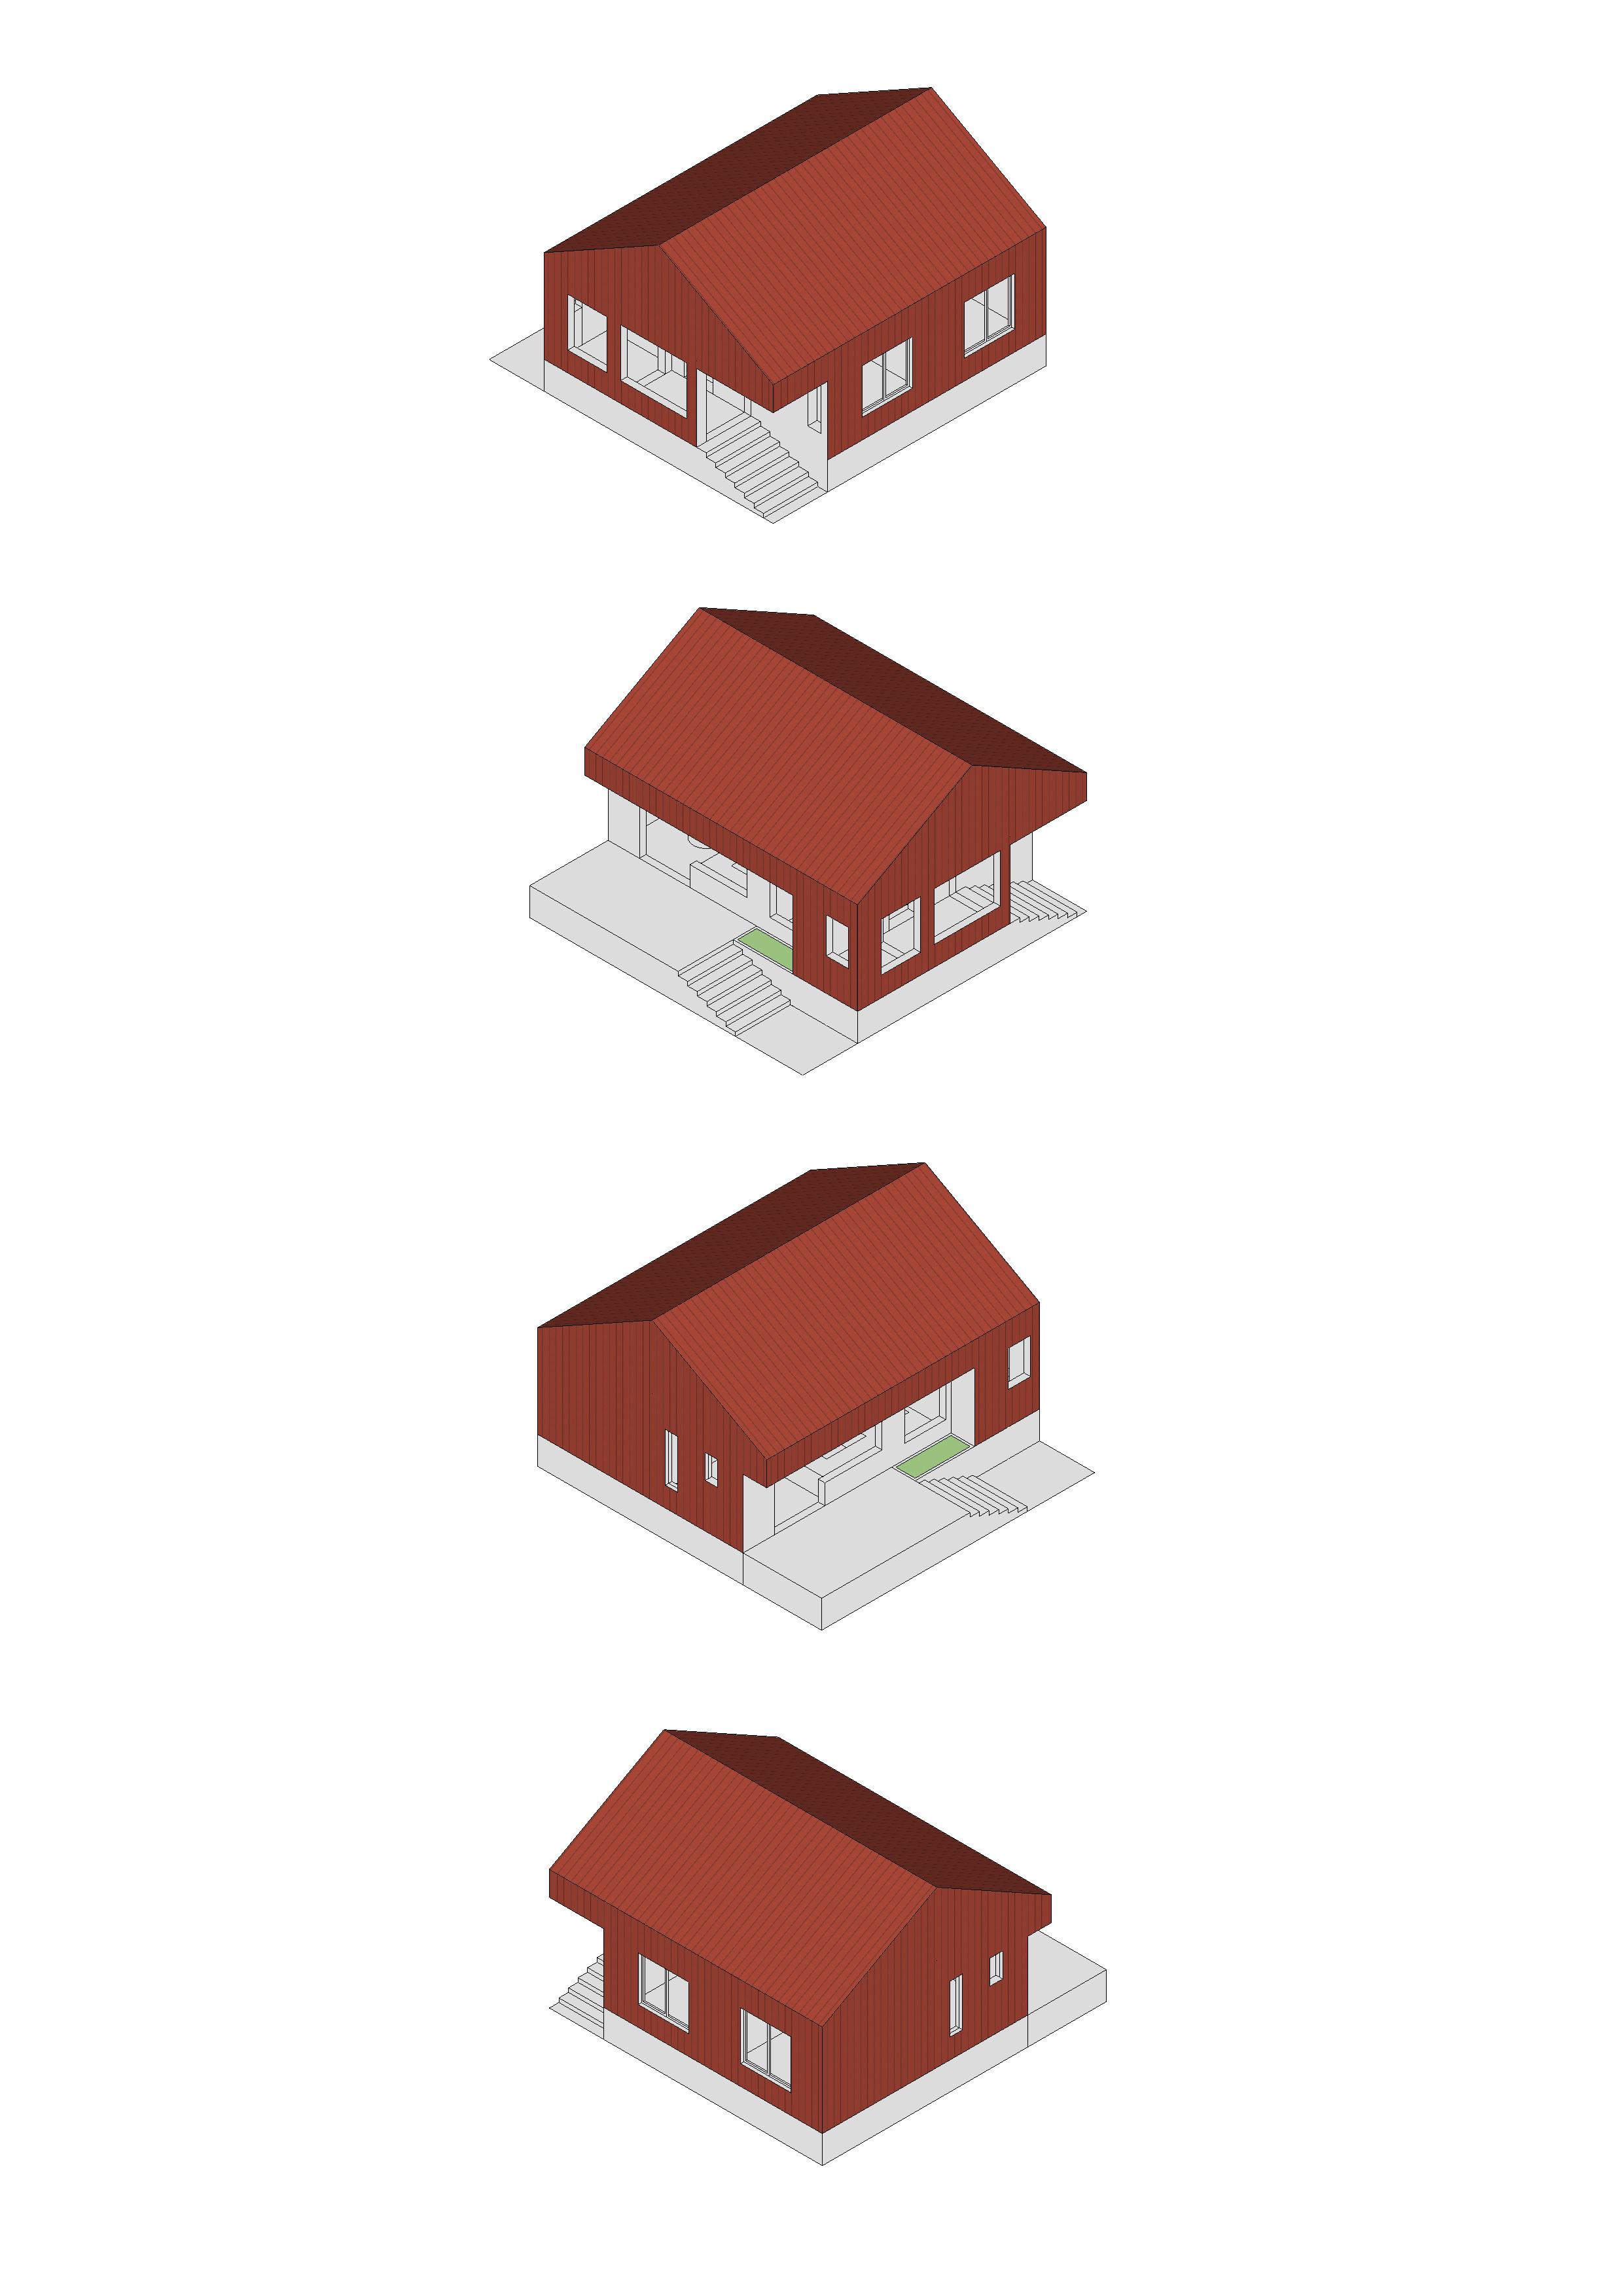 house diagram axonometria